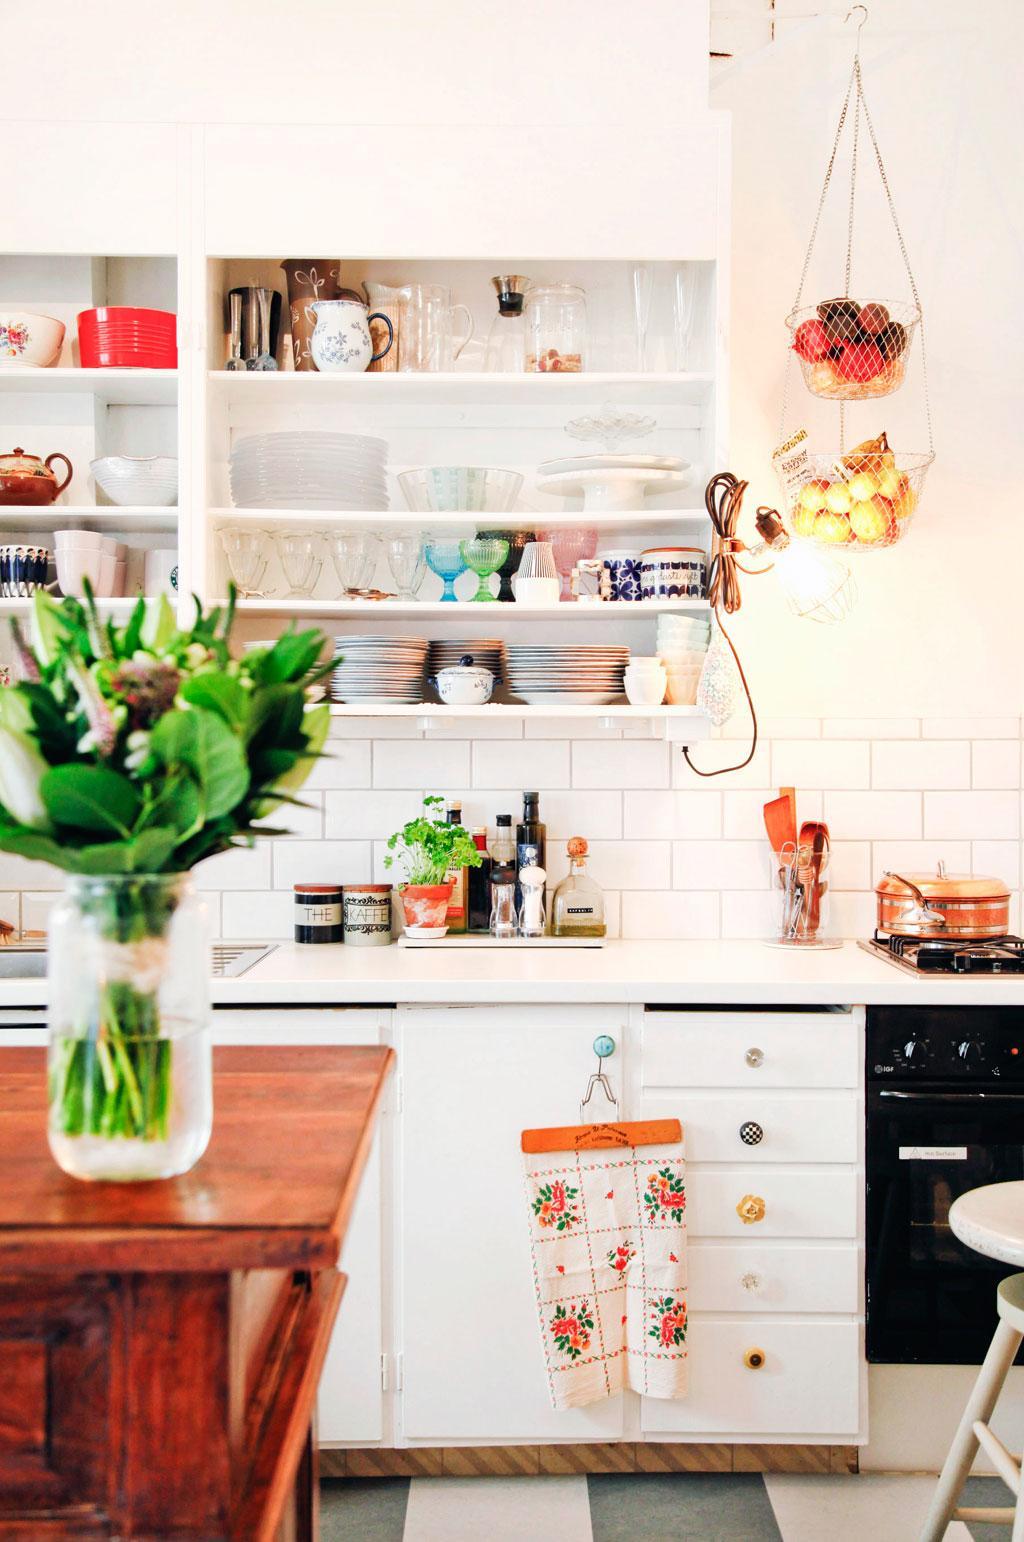 Mycket rum pÃ¥ fÃ¥ kvadrat – compact living när det är som bäst ...